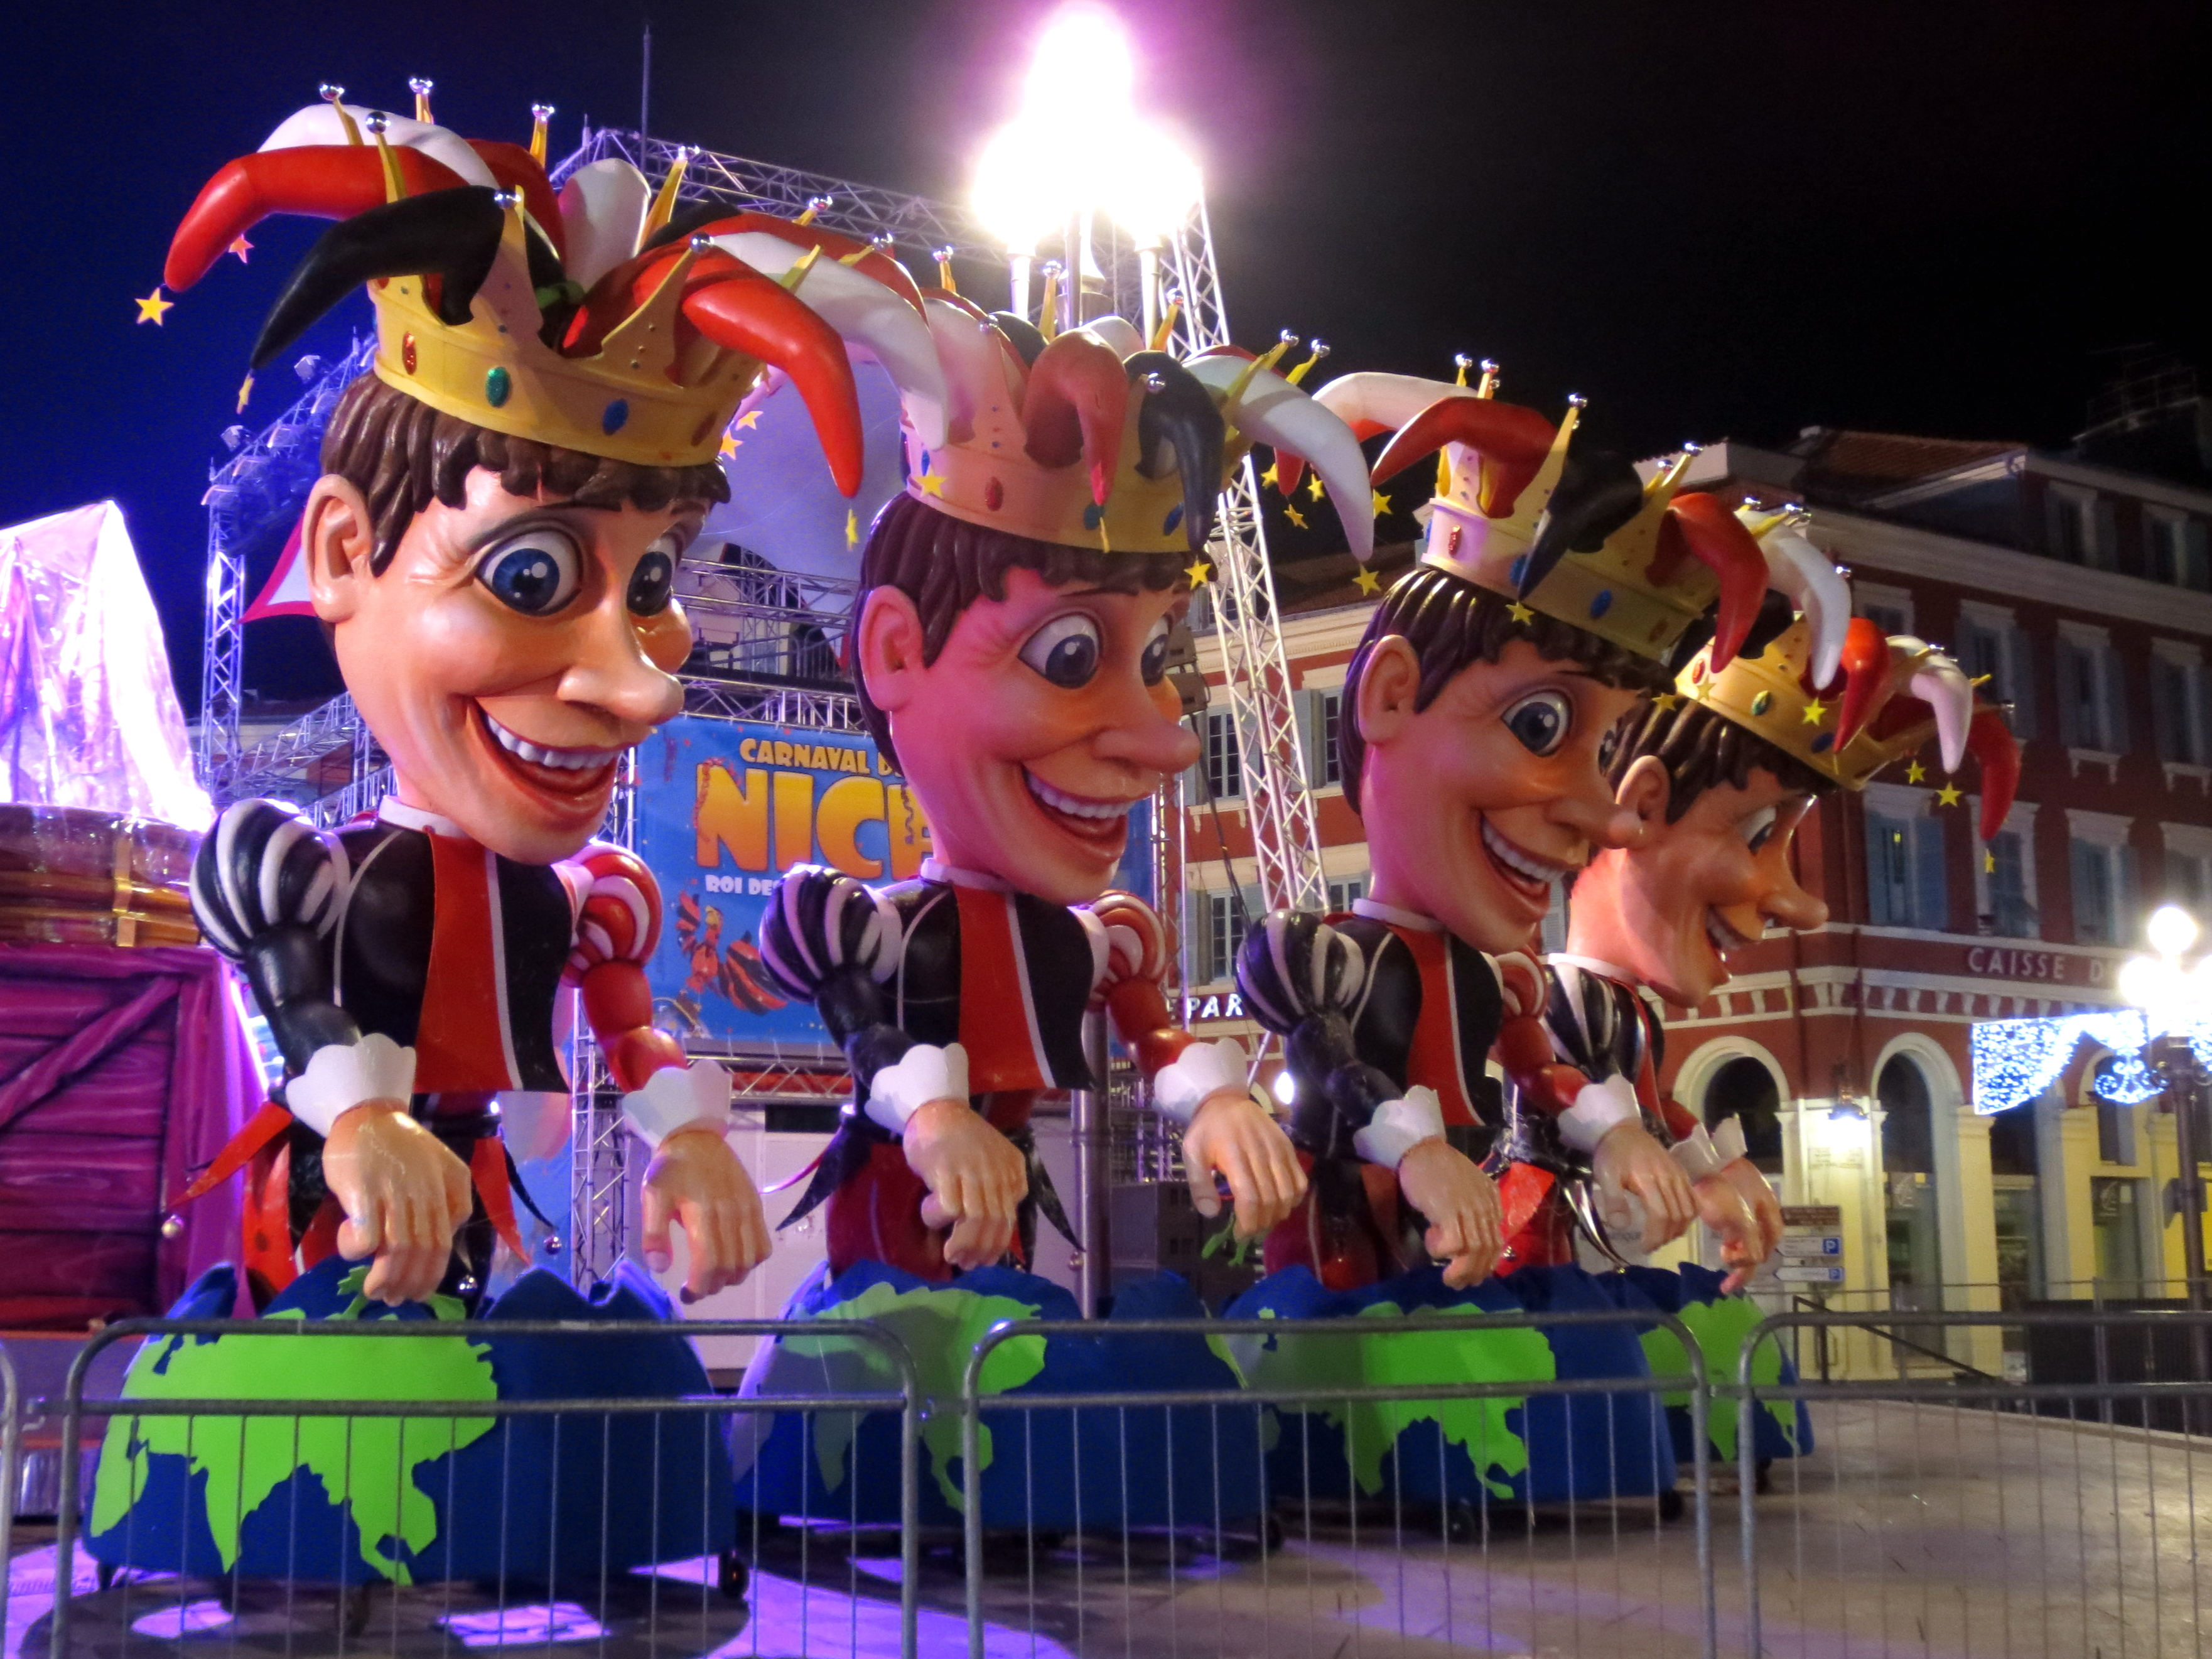 Carnaval de Nice II